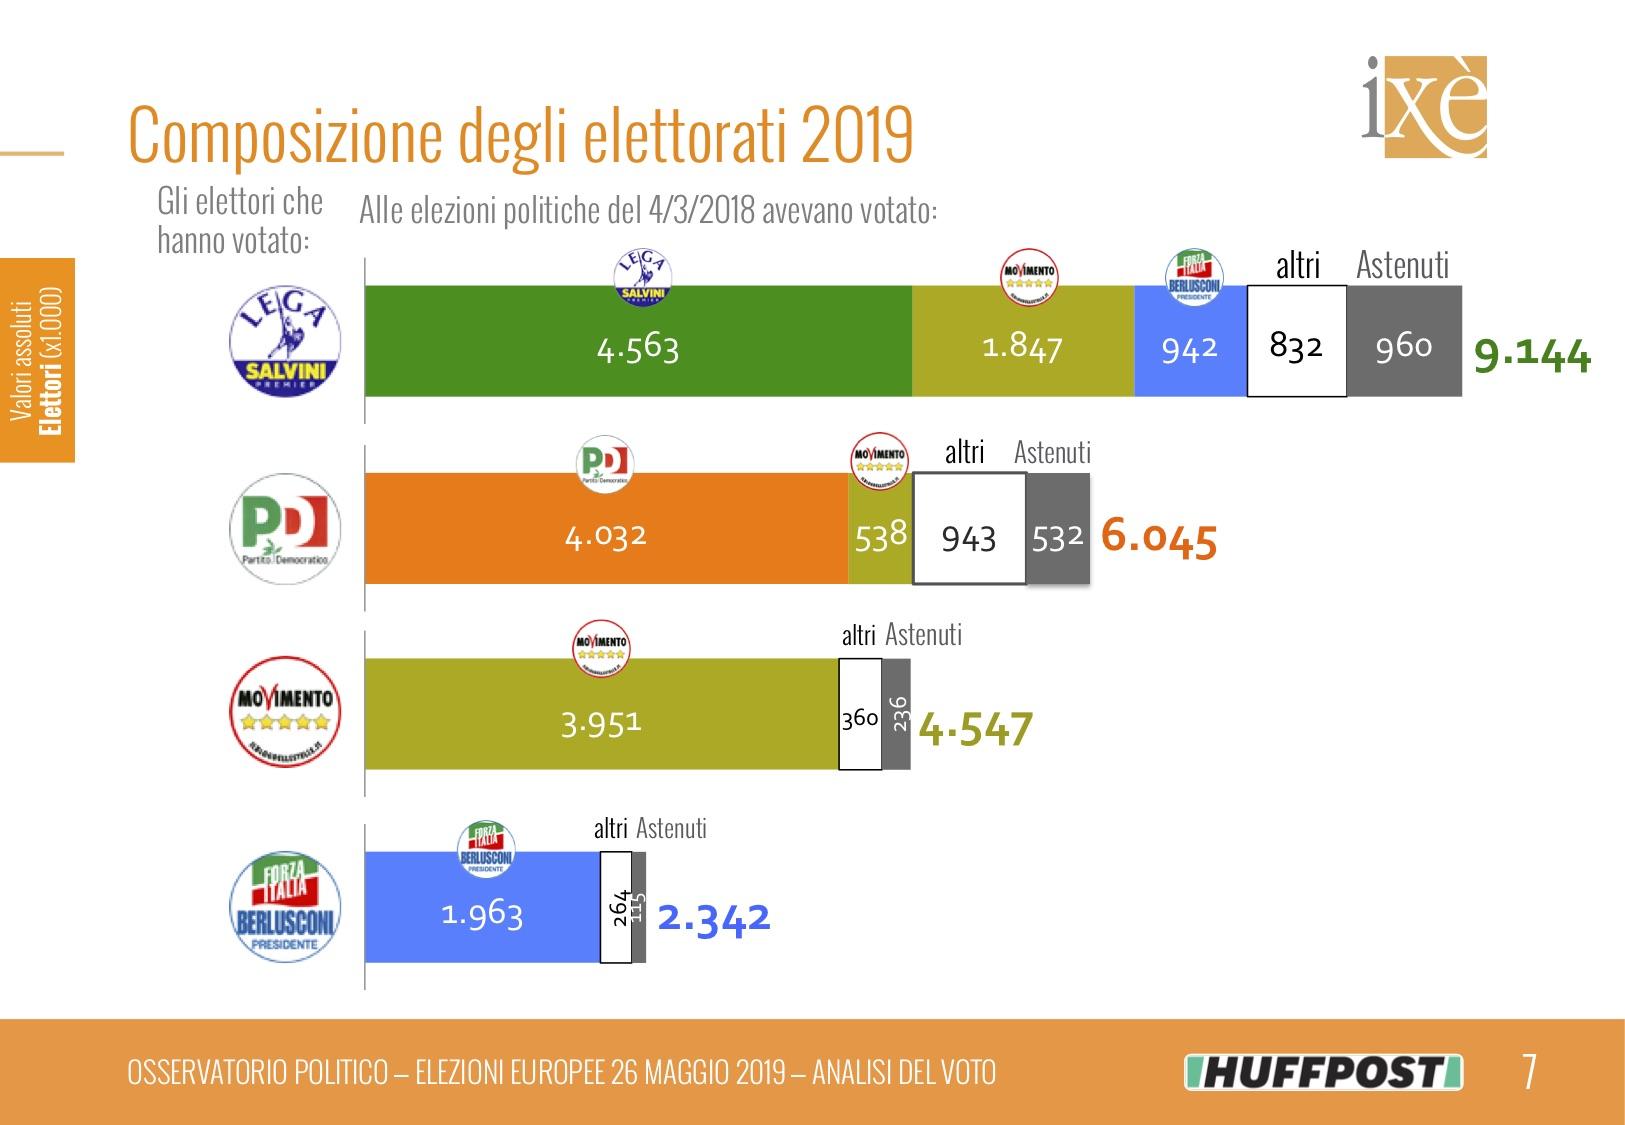 Analisi del voto Ixè